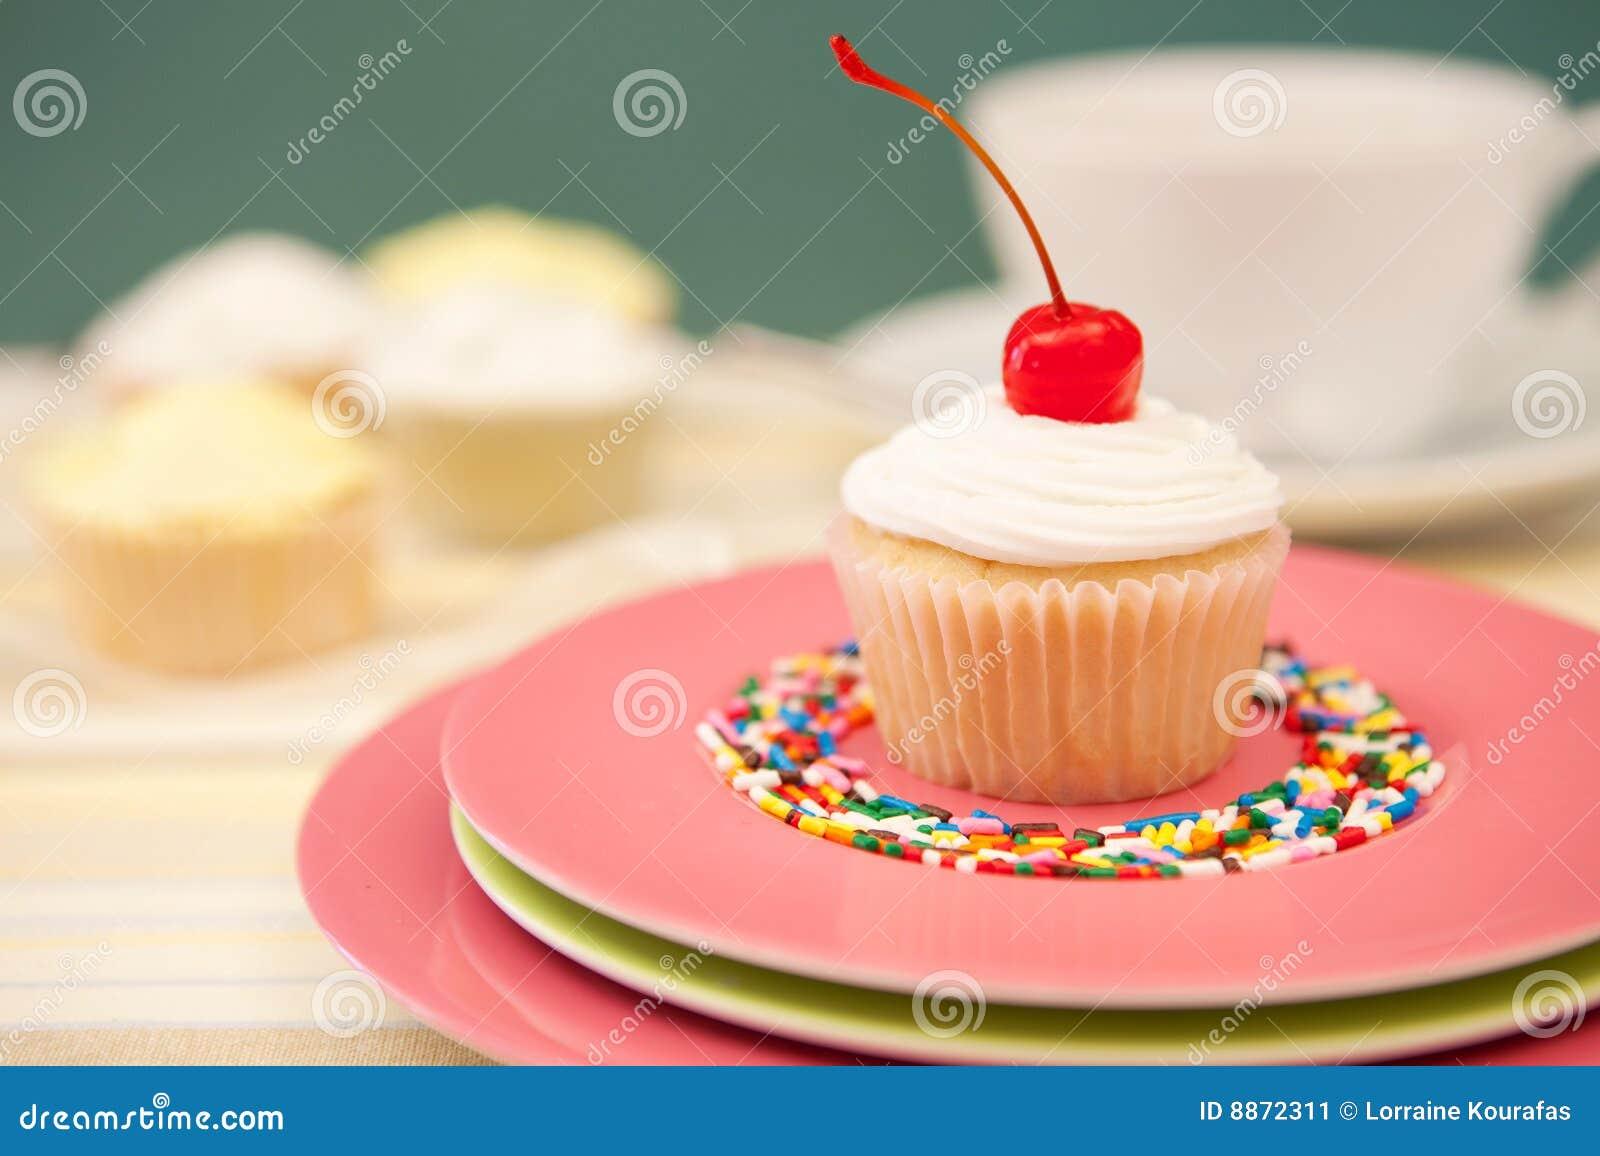 Enige Cupcake met een Kers op Bovenkant